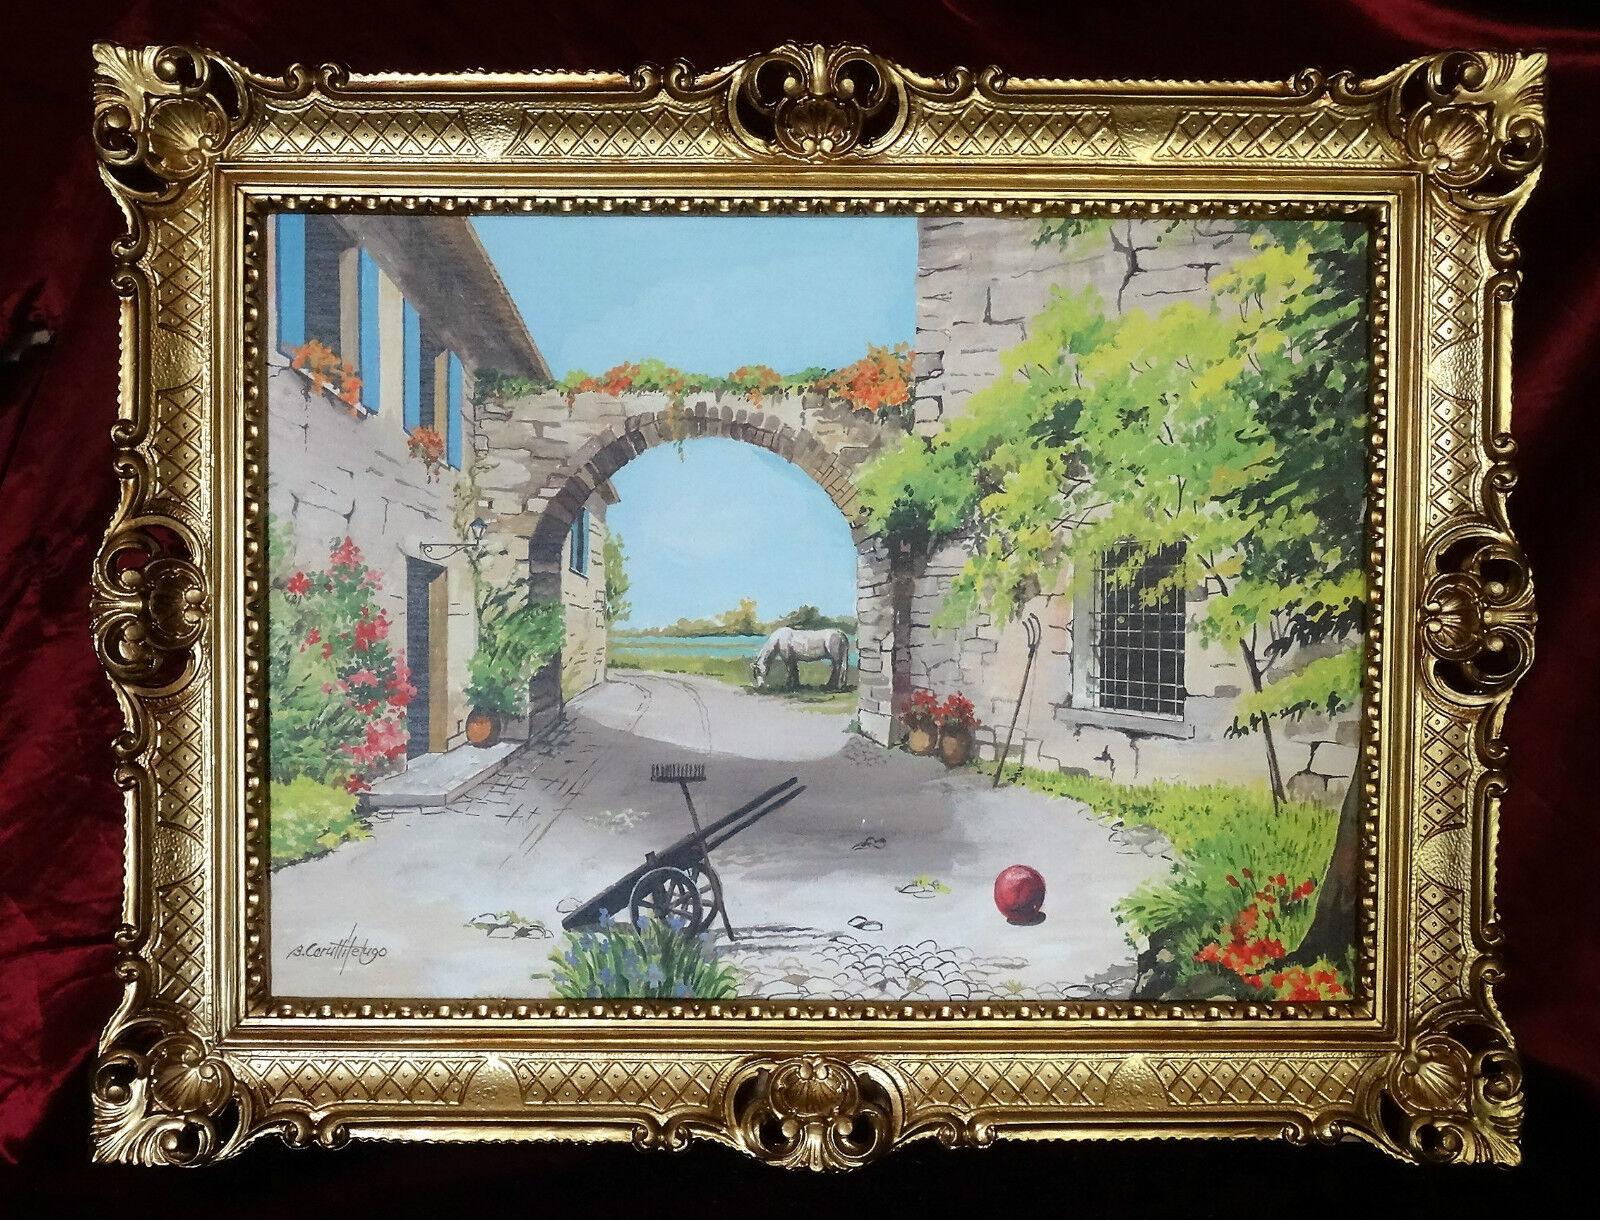 Bilderrahmen bild foto rahmen antik barock rokoko for Couchtisch 90x70